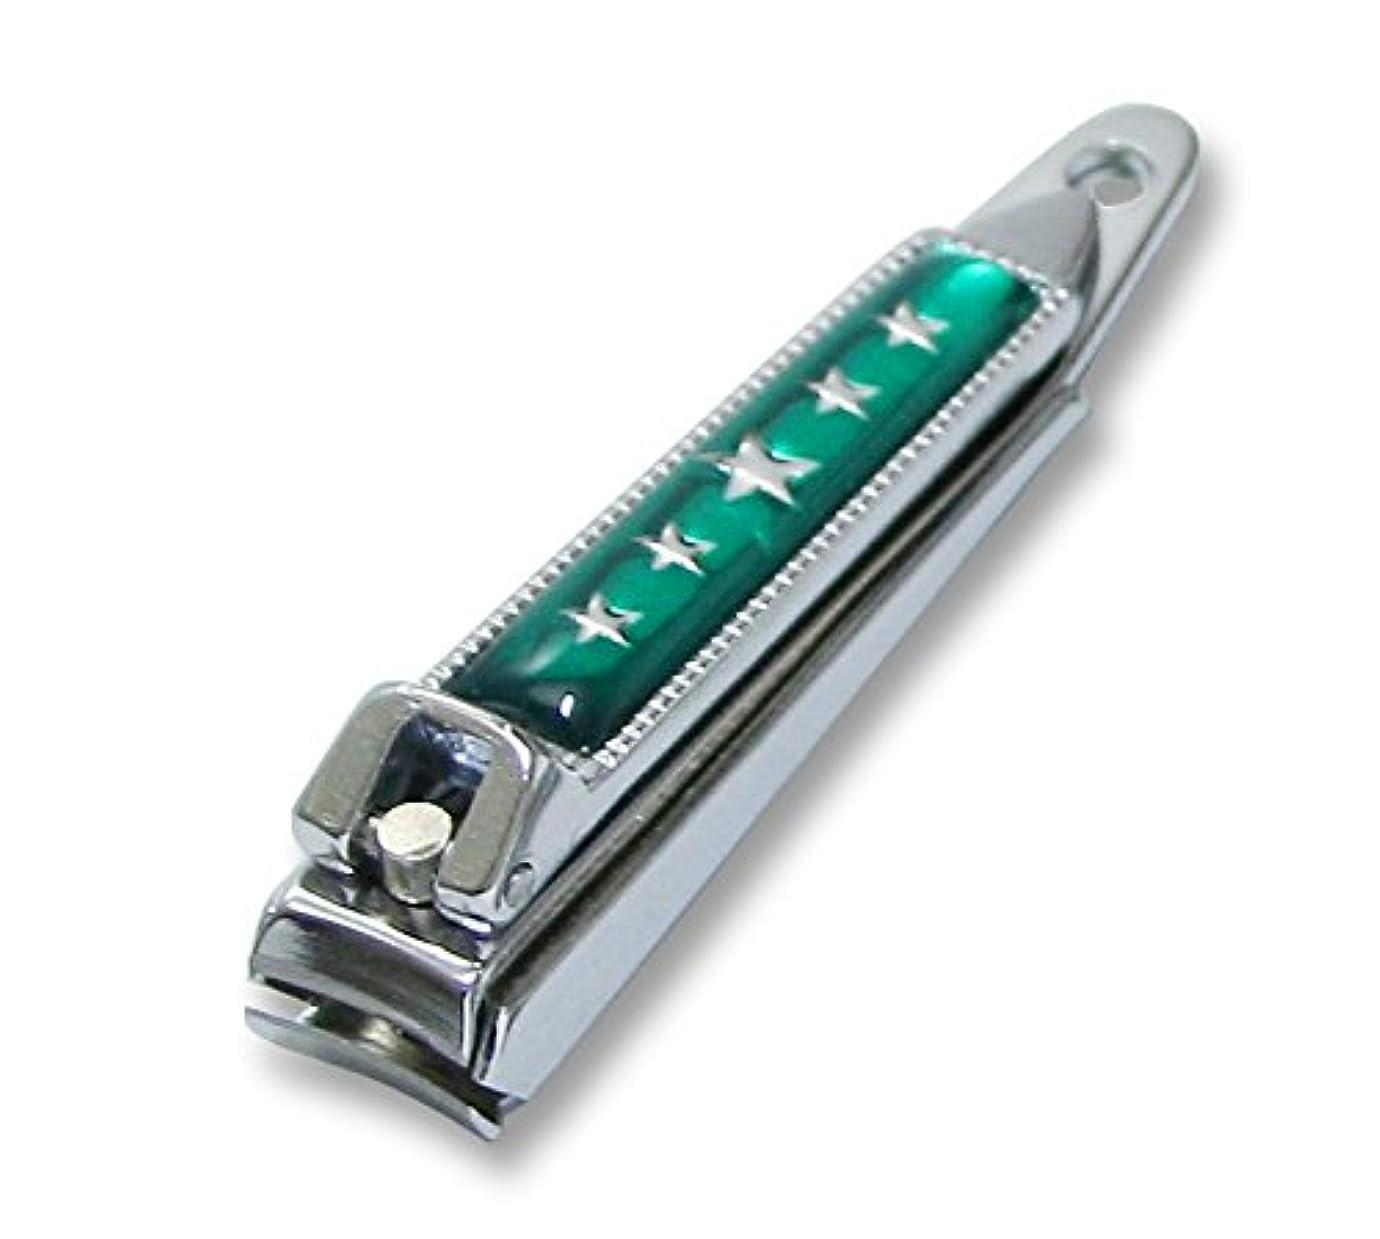 公爵苦メイエラKC-052GR 関の刃物 関兼常 チラーヌ爪切 小 緑